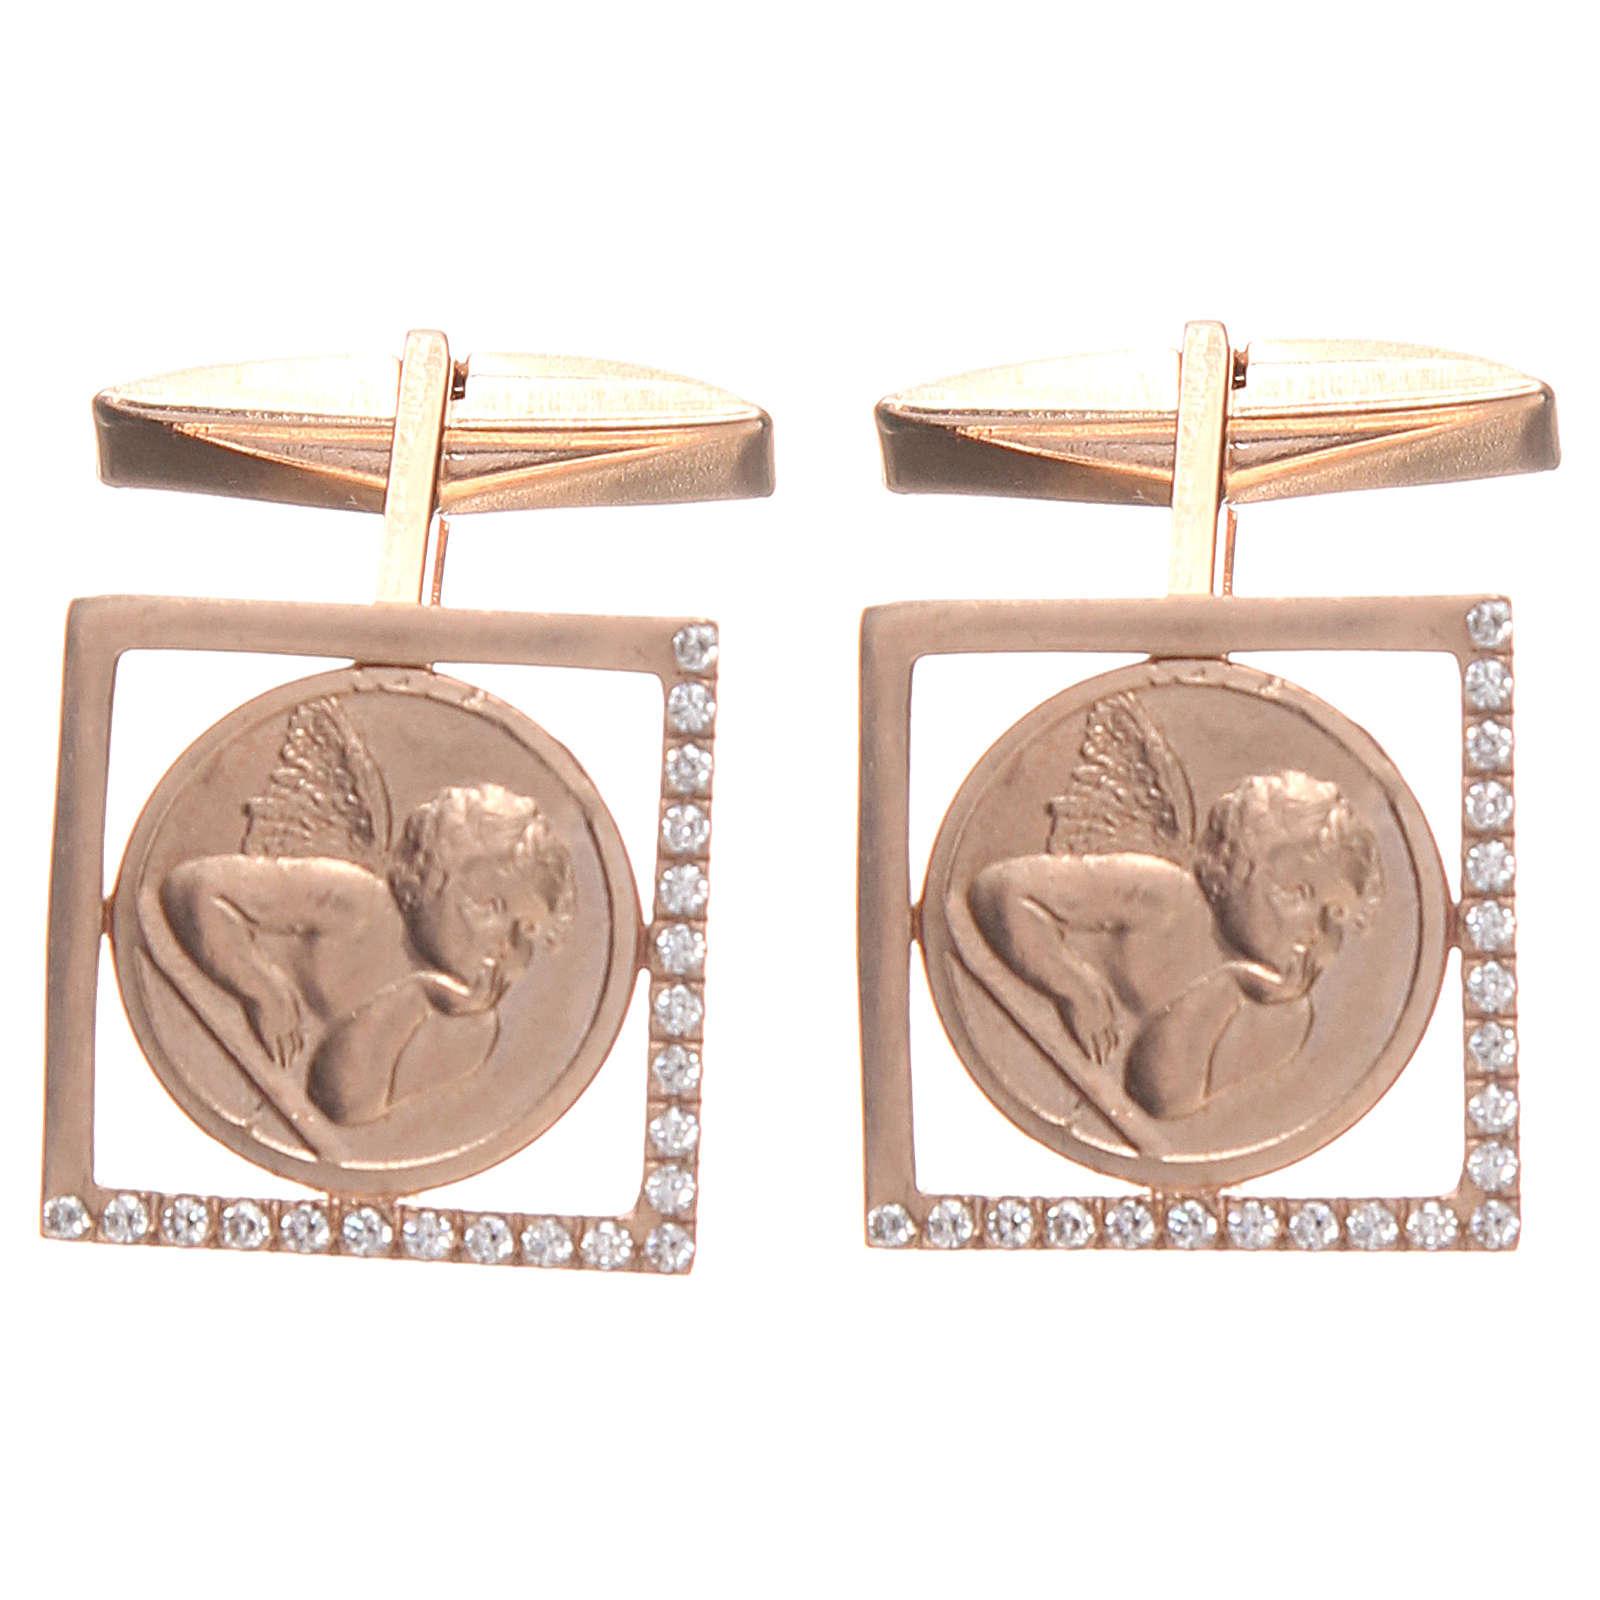 Gemelli per camicie argento 800 Angelo Raffaello 1,7x1,7 cm 4